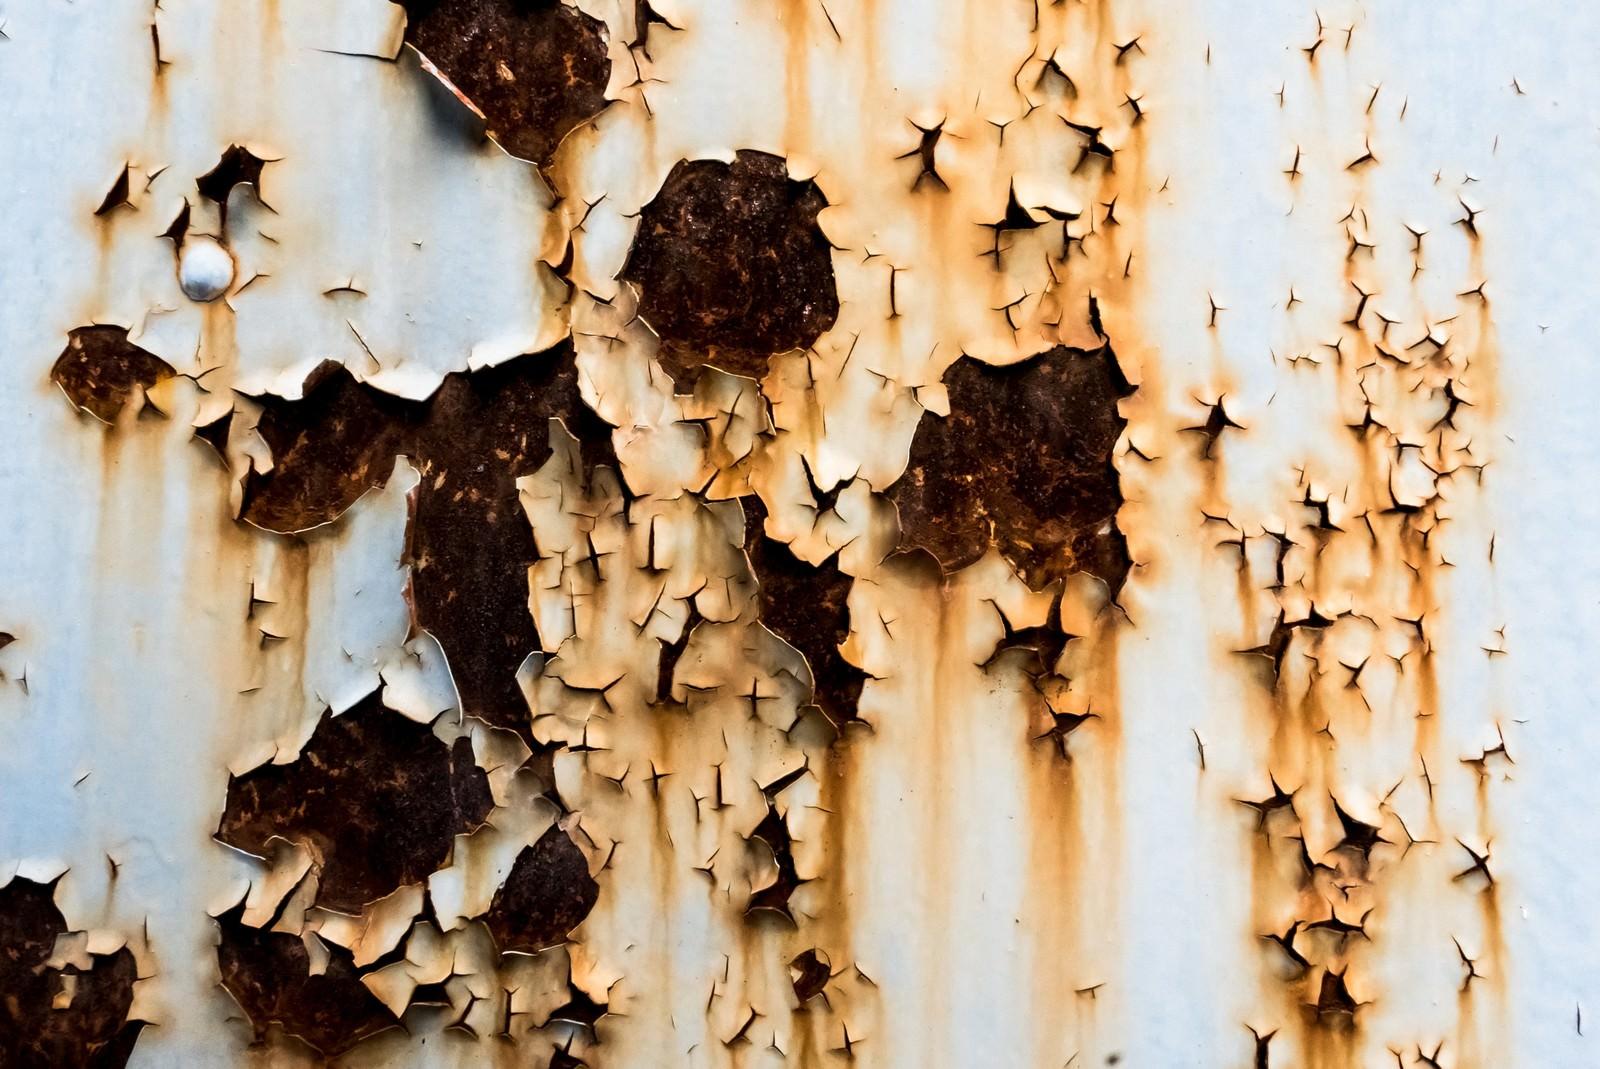 「塗装がはがれ錆びた壁(テクスチャー)」の写真